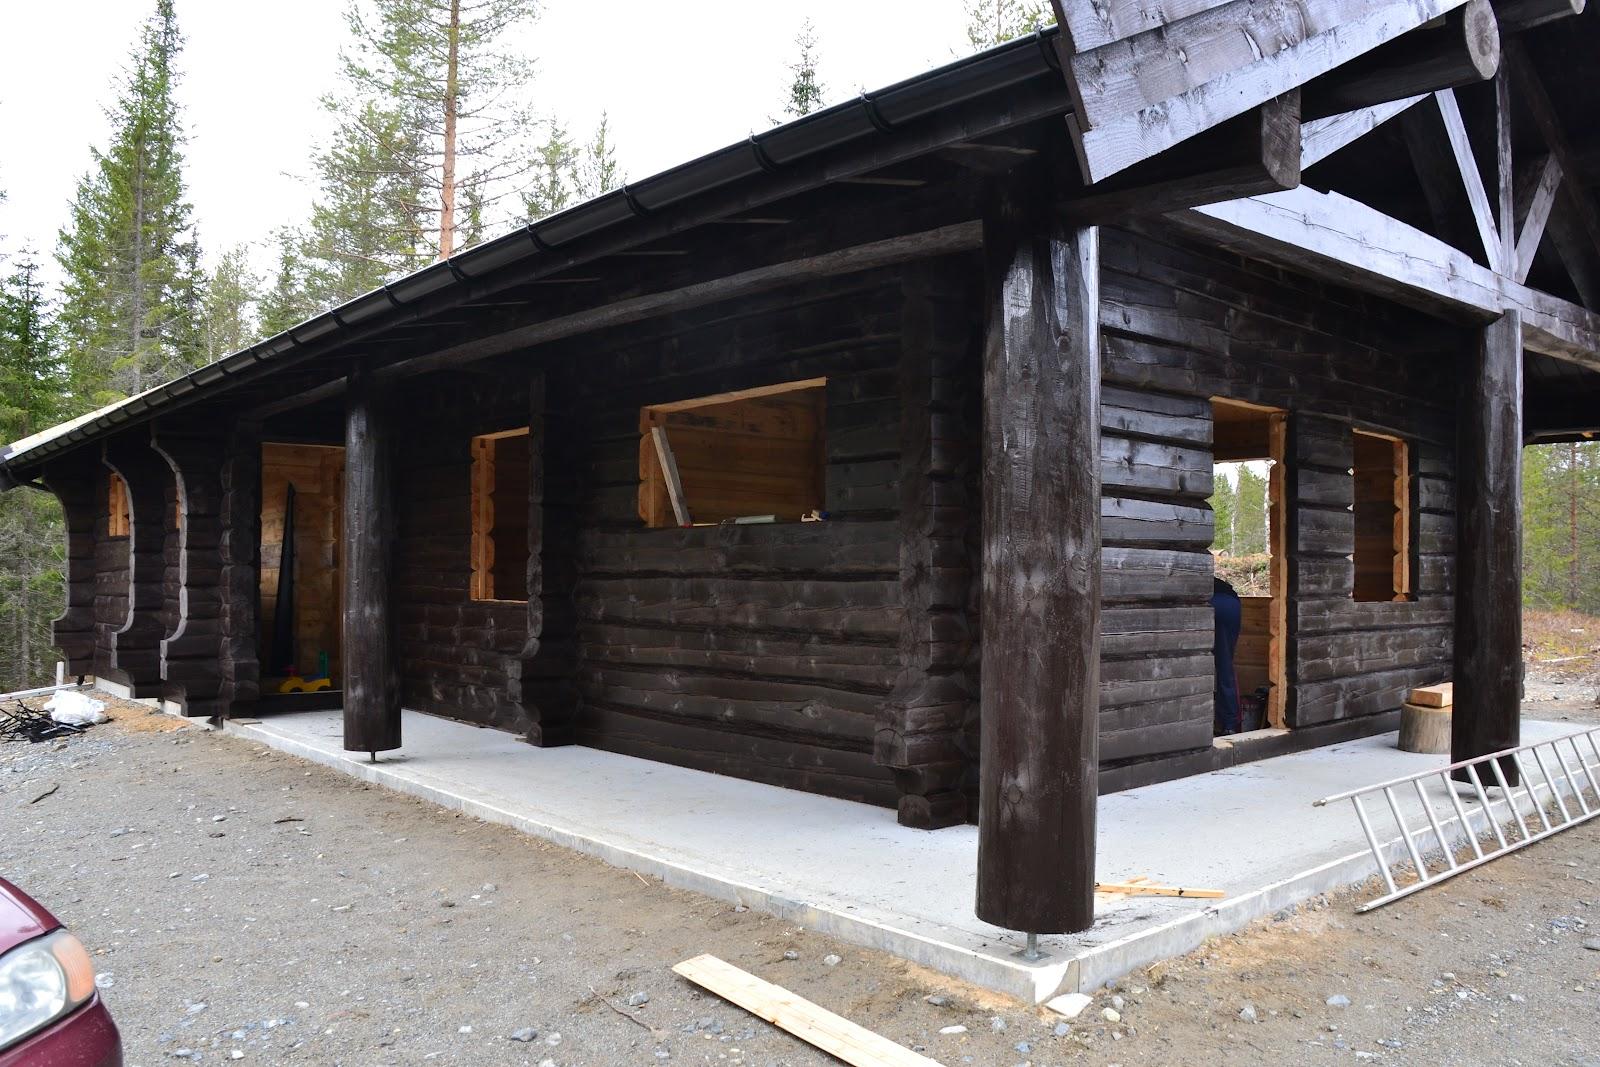 Hjertero hytteblogg: mai 2012